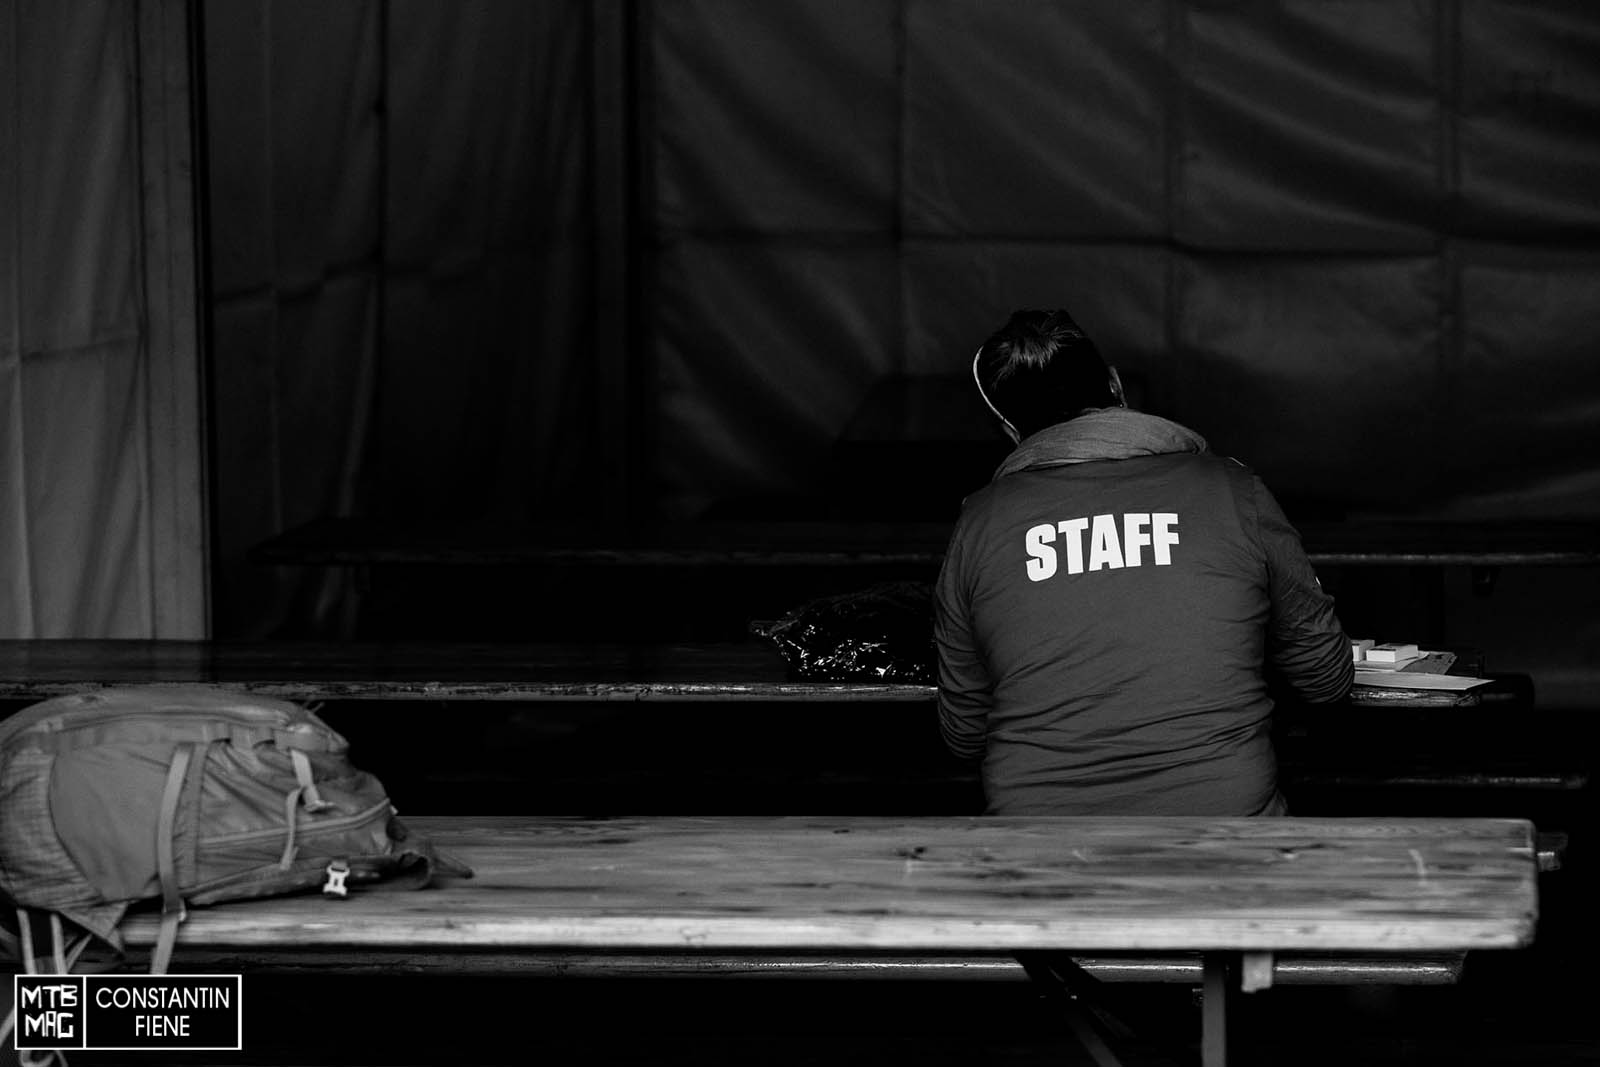 Staff. Es gibt immer was zu tun.